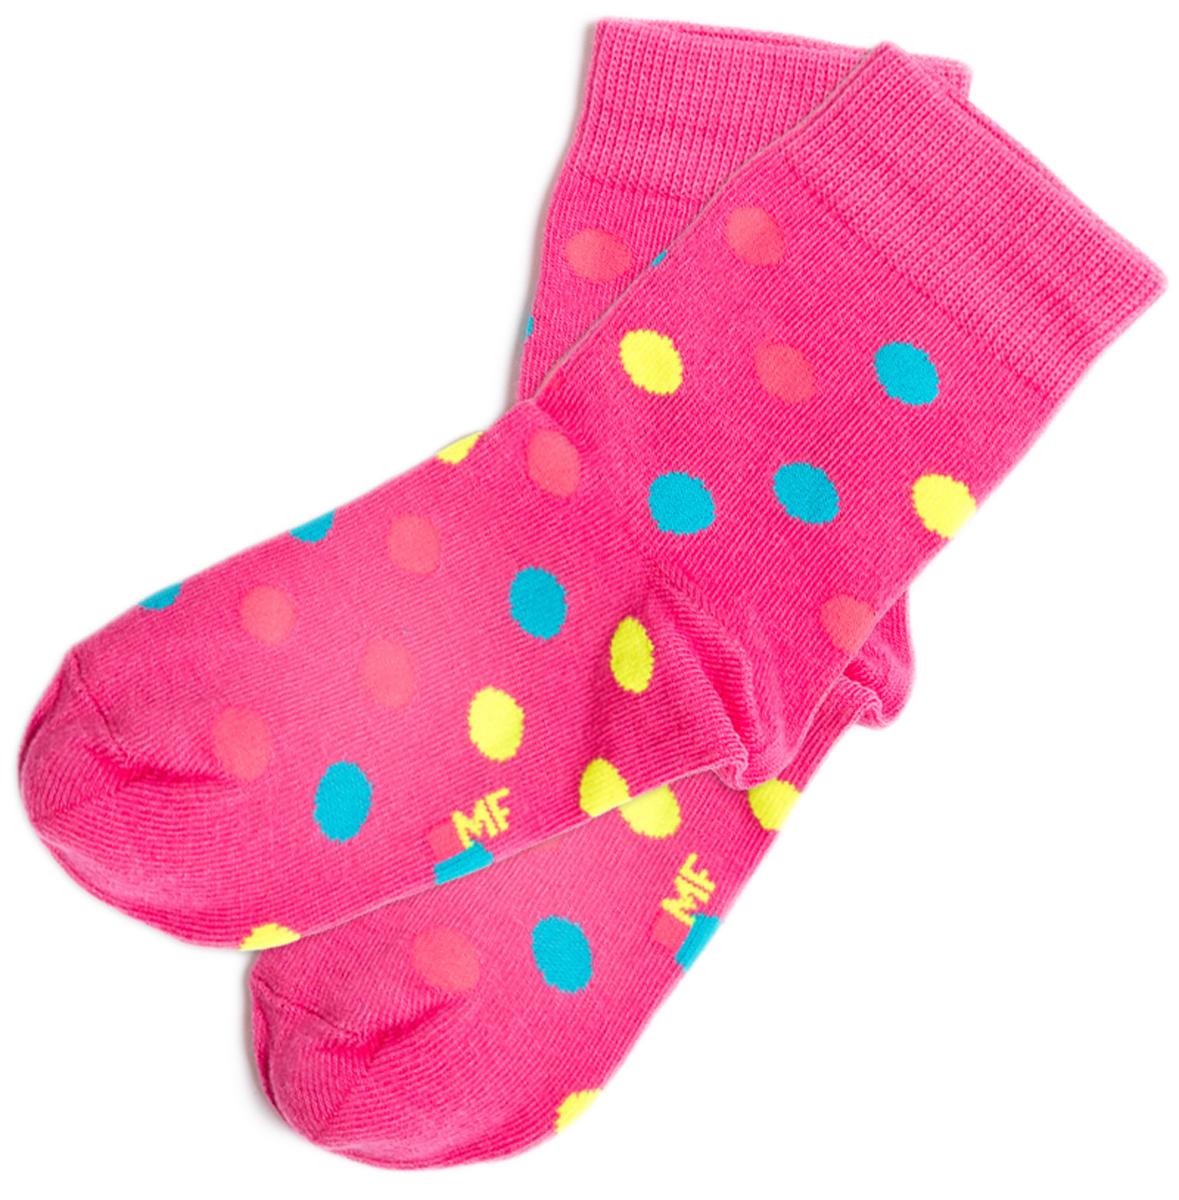 Носки детские Mark Formelle, цвет: ярко-розовый. 400K-382_B4-6400K. Размер 31/33400K-382_B4-6400K